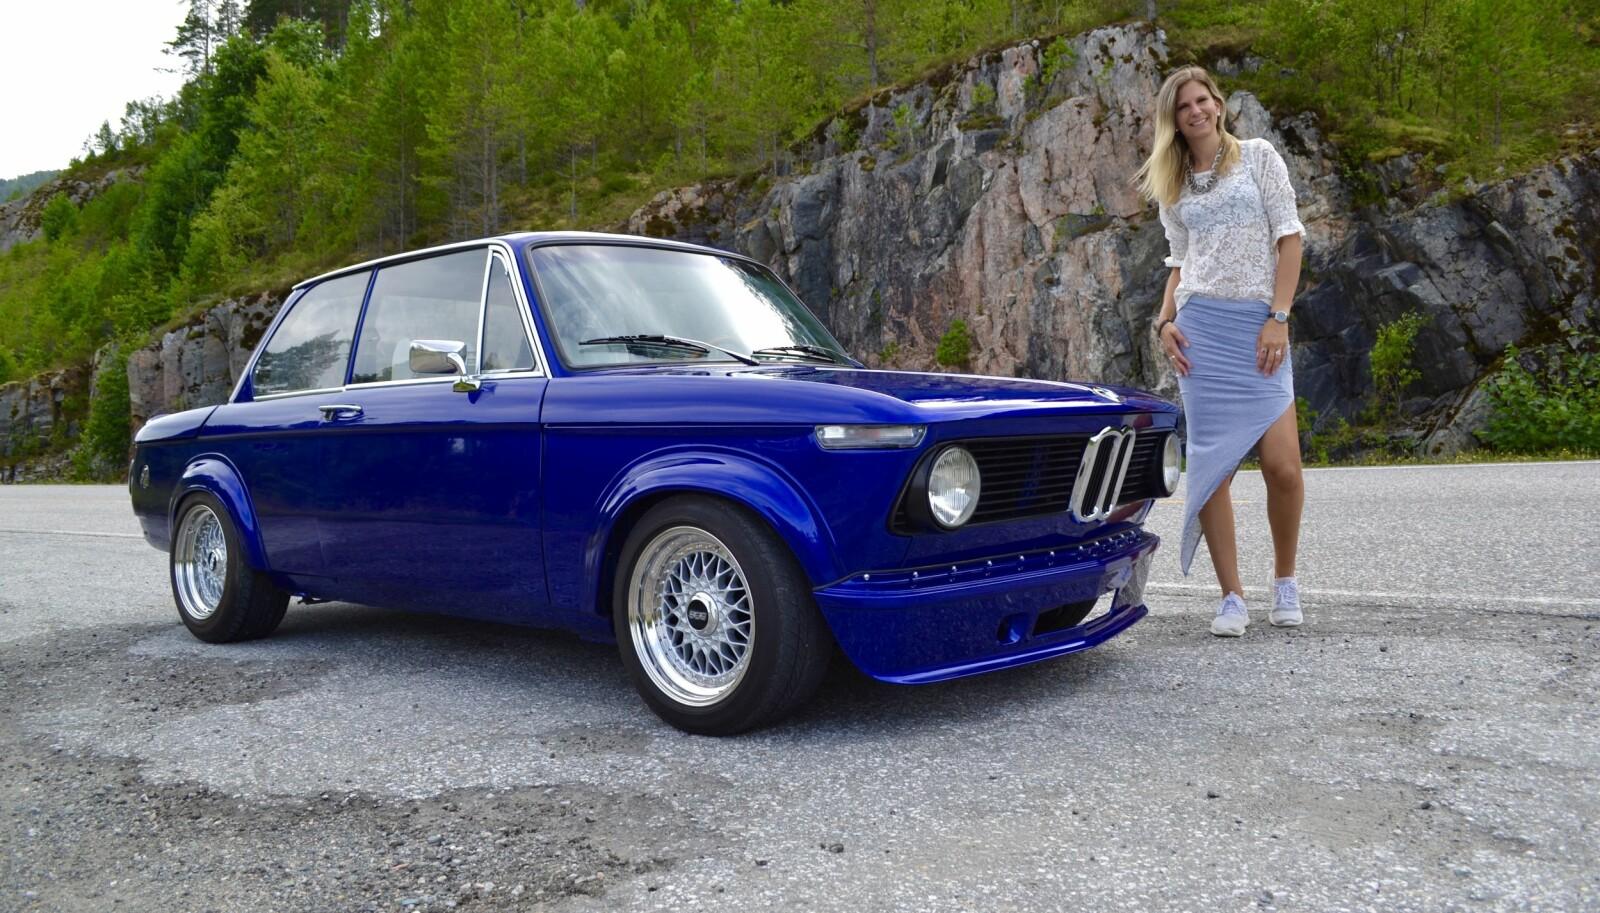 <b>TRE GODE TING:</b> Haifronten, kjøreglede og kvalitet er stikkordene som gjorde Randi Sundset til en svoren BMW-fan.